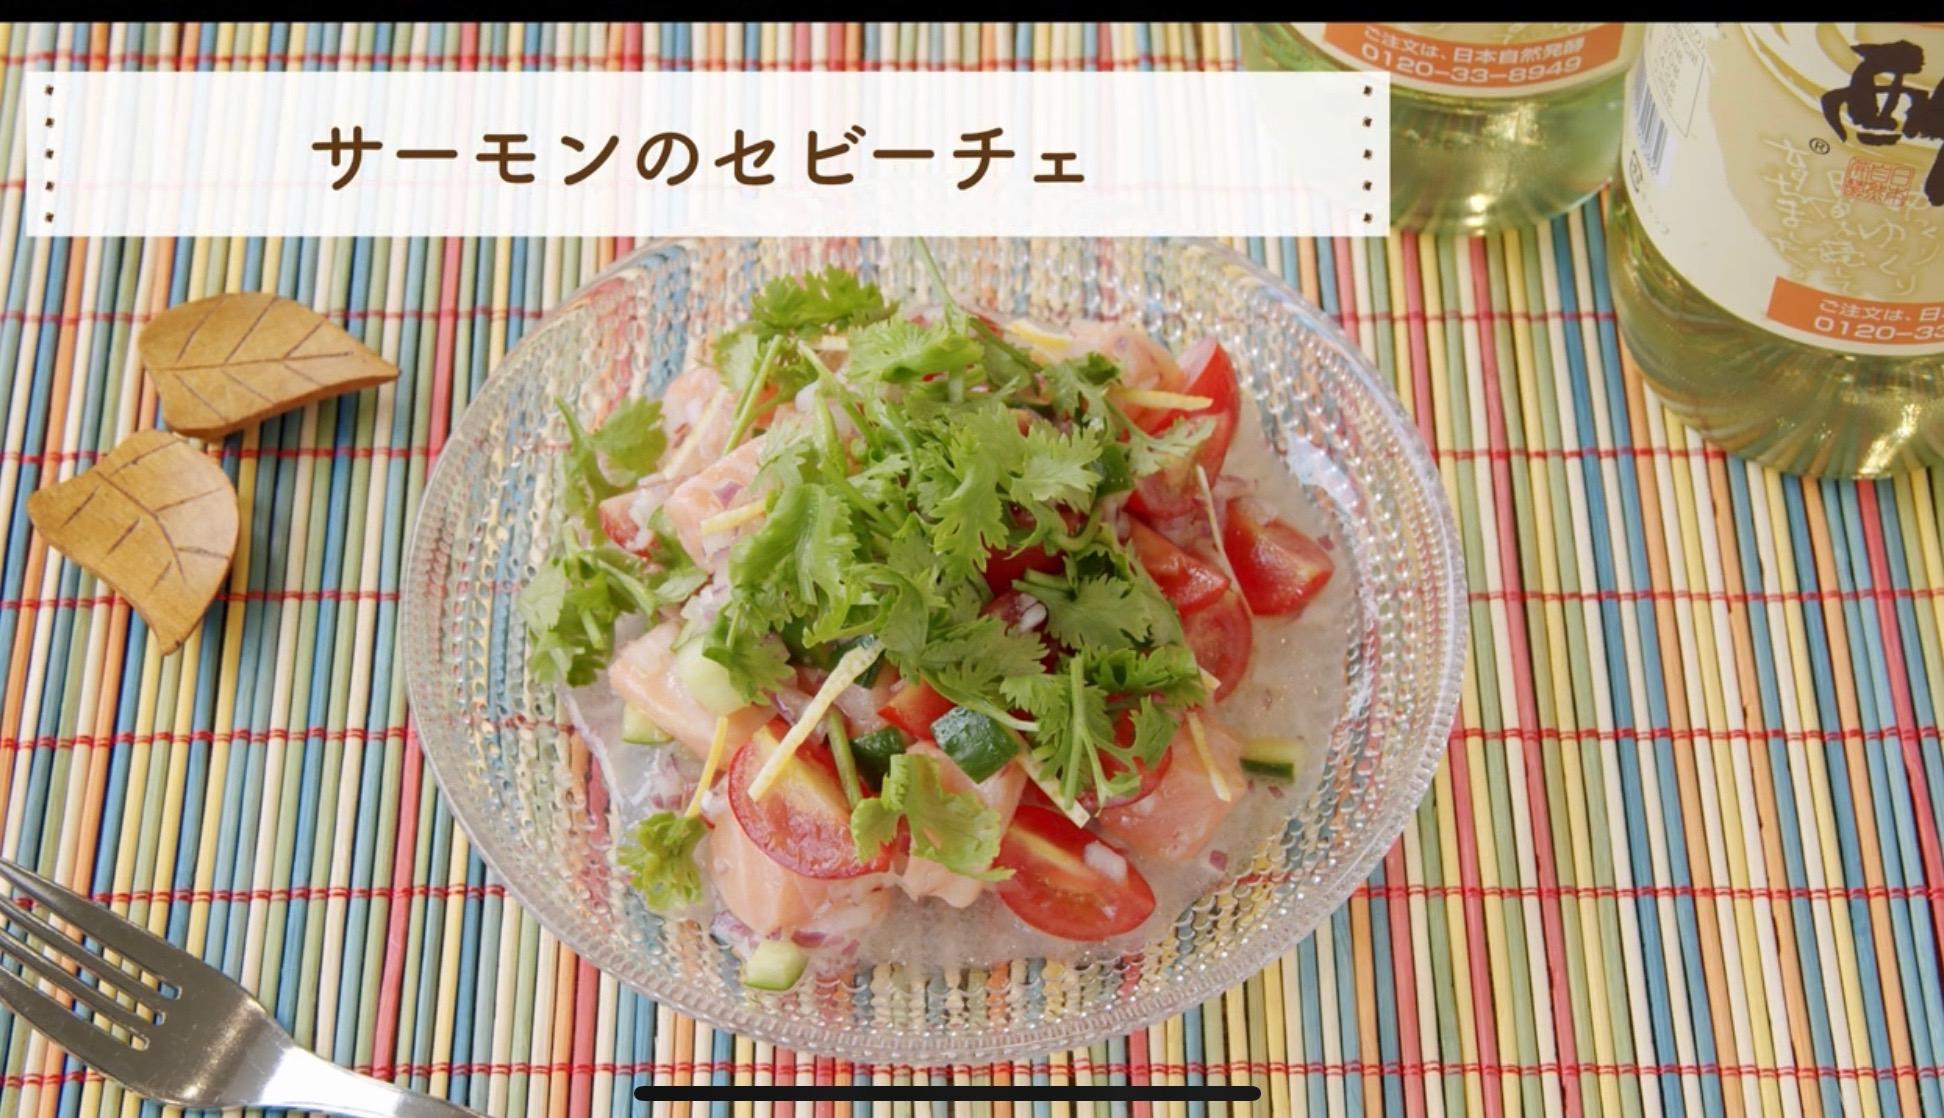 (レシピ)ペルー料理 サーモンのセビーチェ